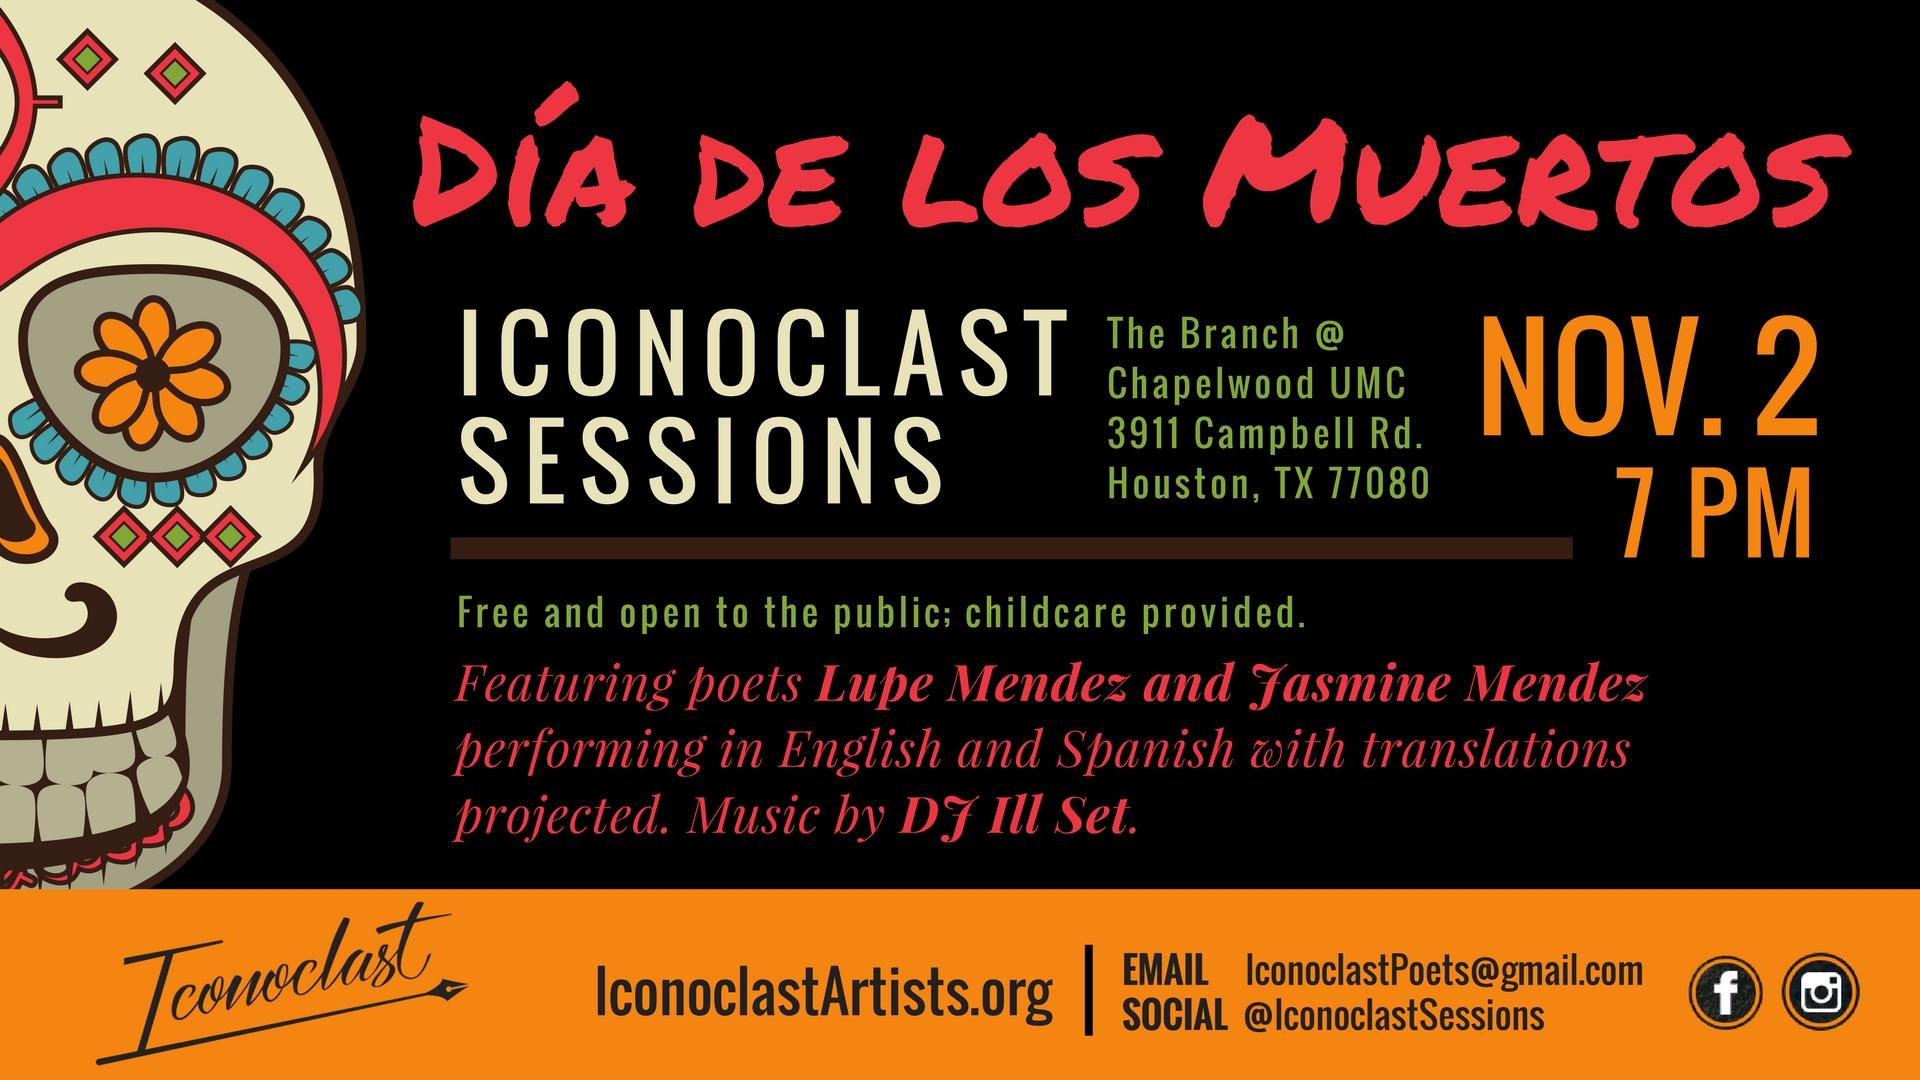 16x9 Iconoclast Dia de los Muertos on Nov. 2.jpg